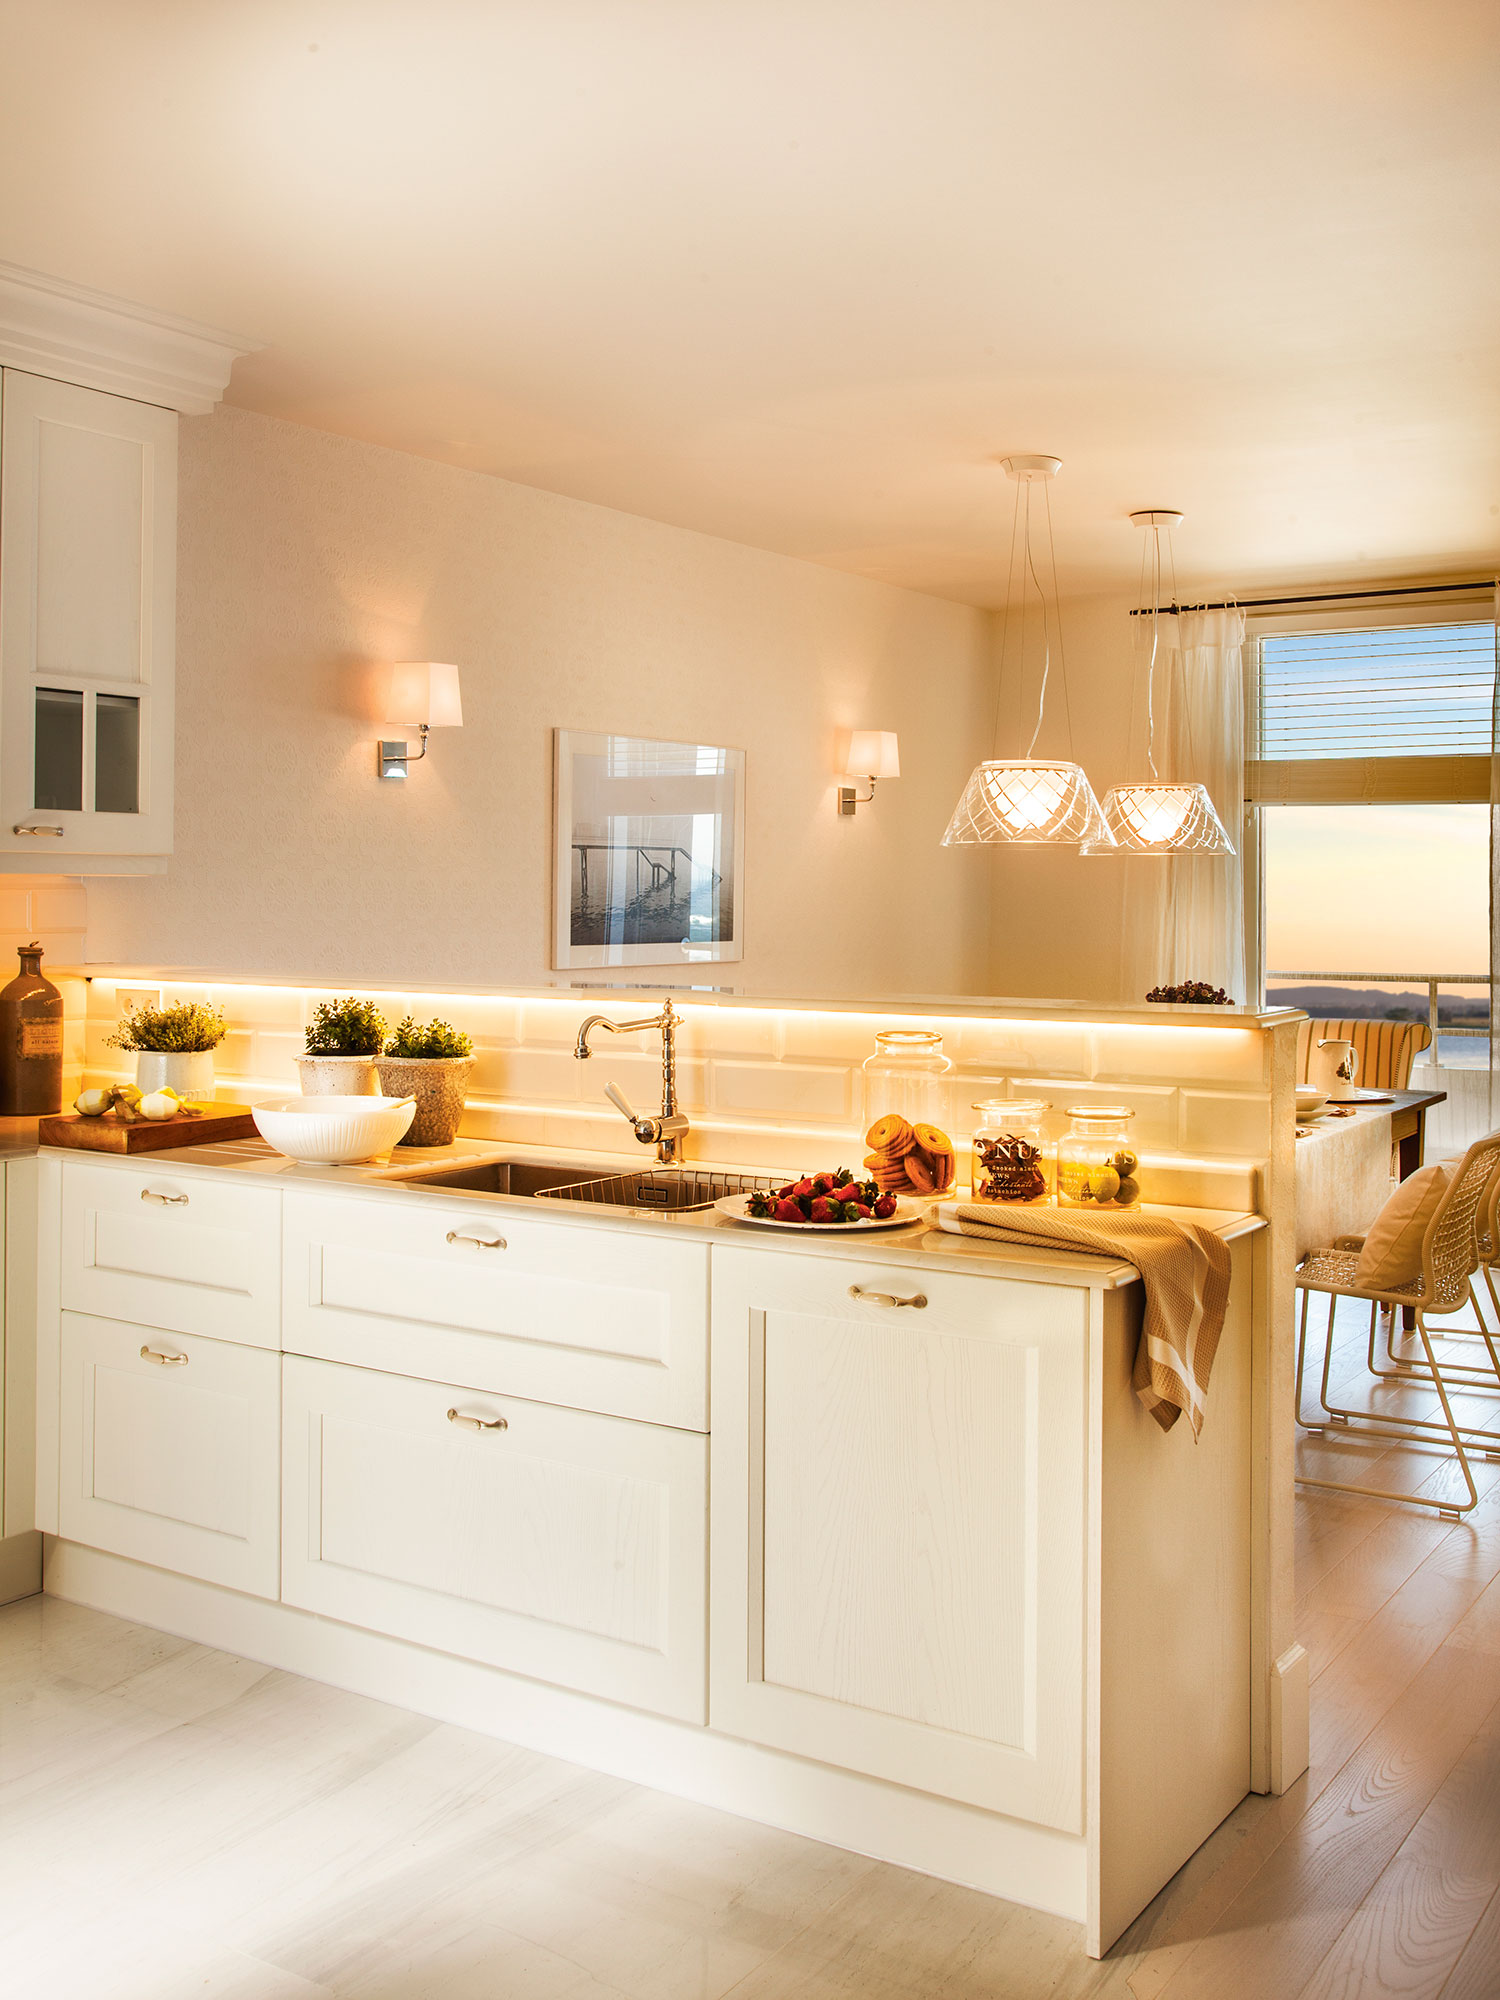 Reformas expr s para renovar tu casa en 48h for Artefactos de cocina